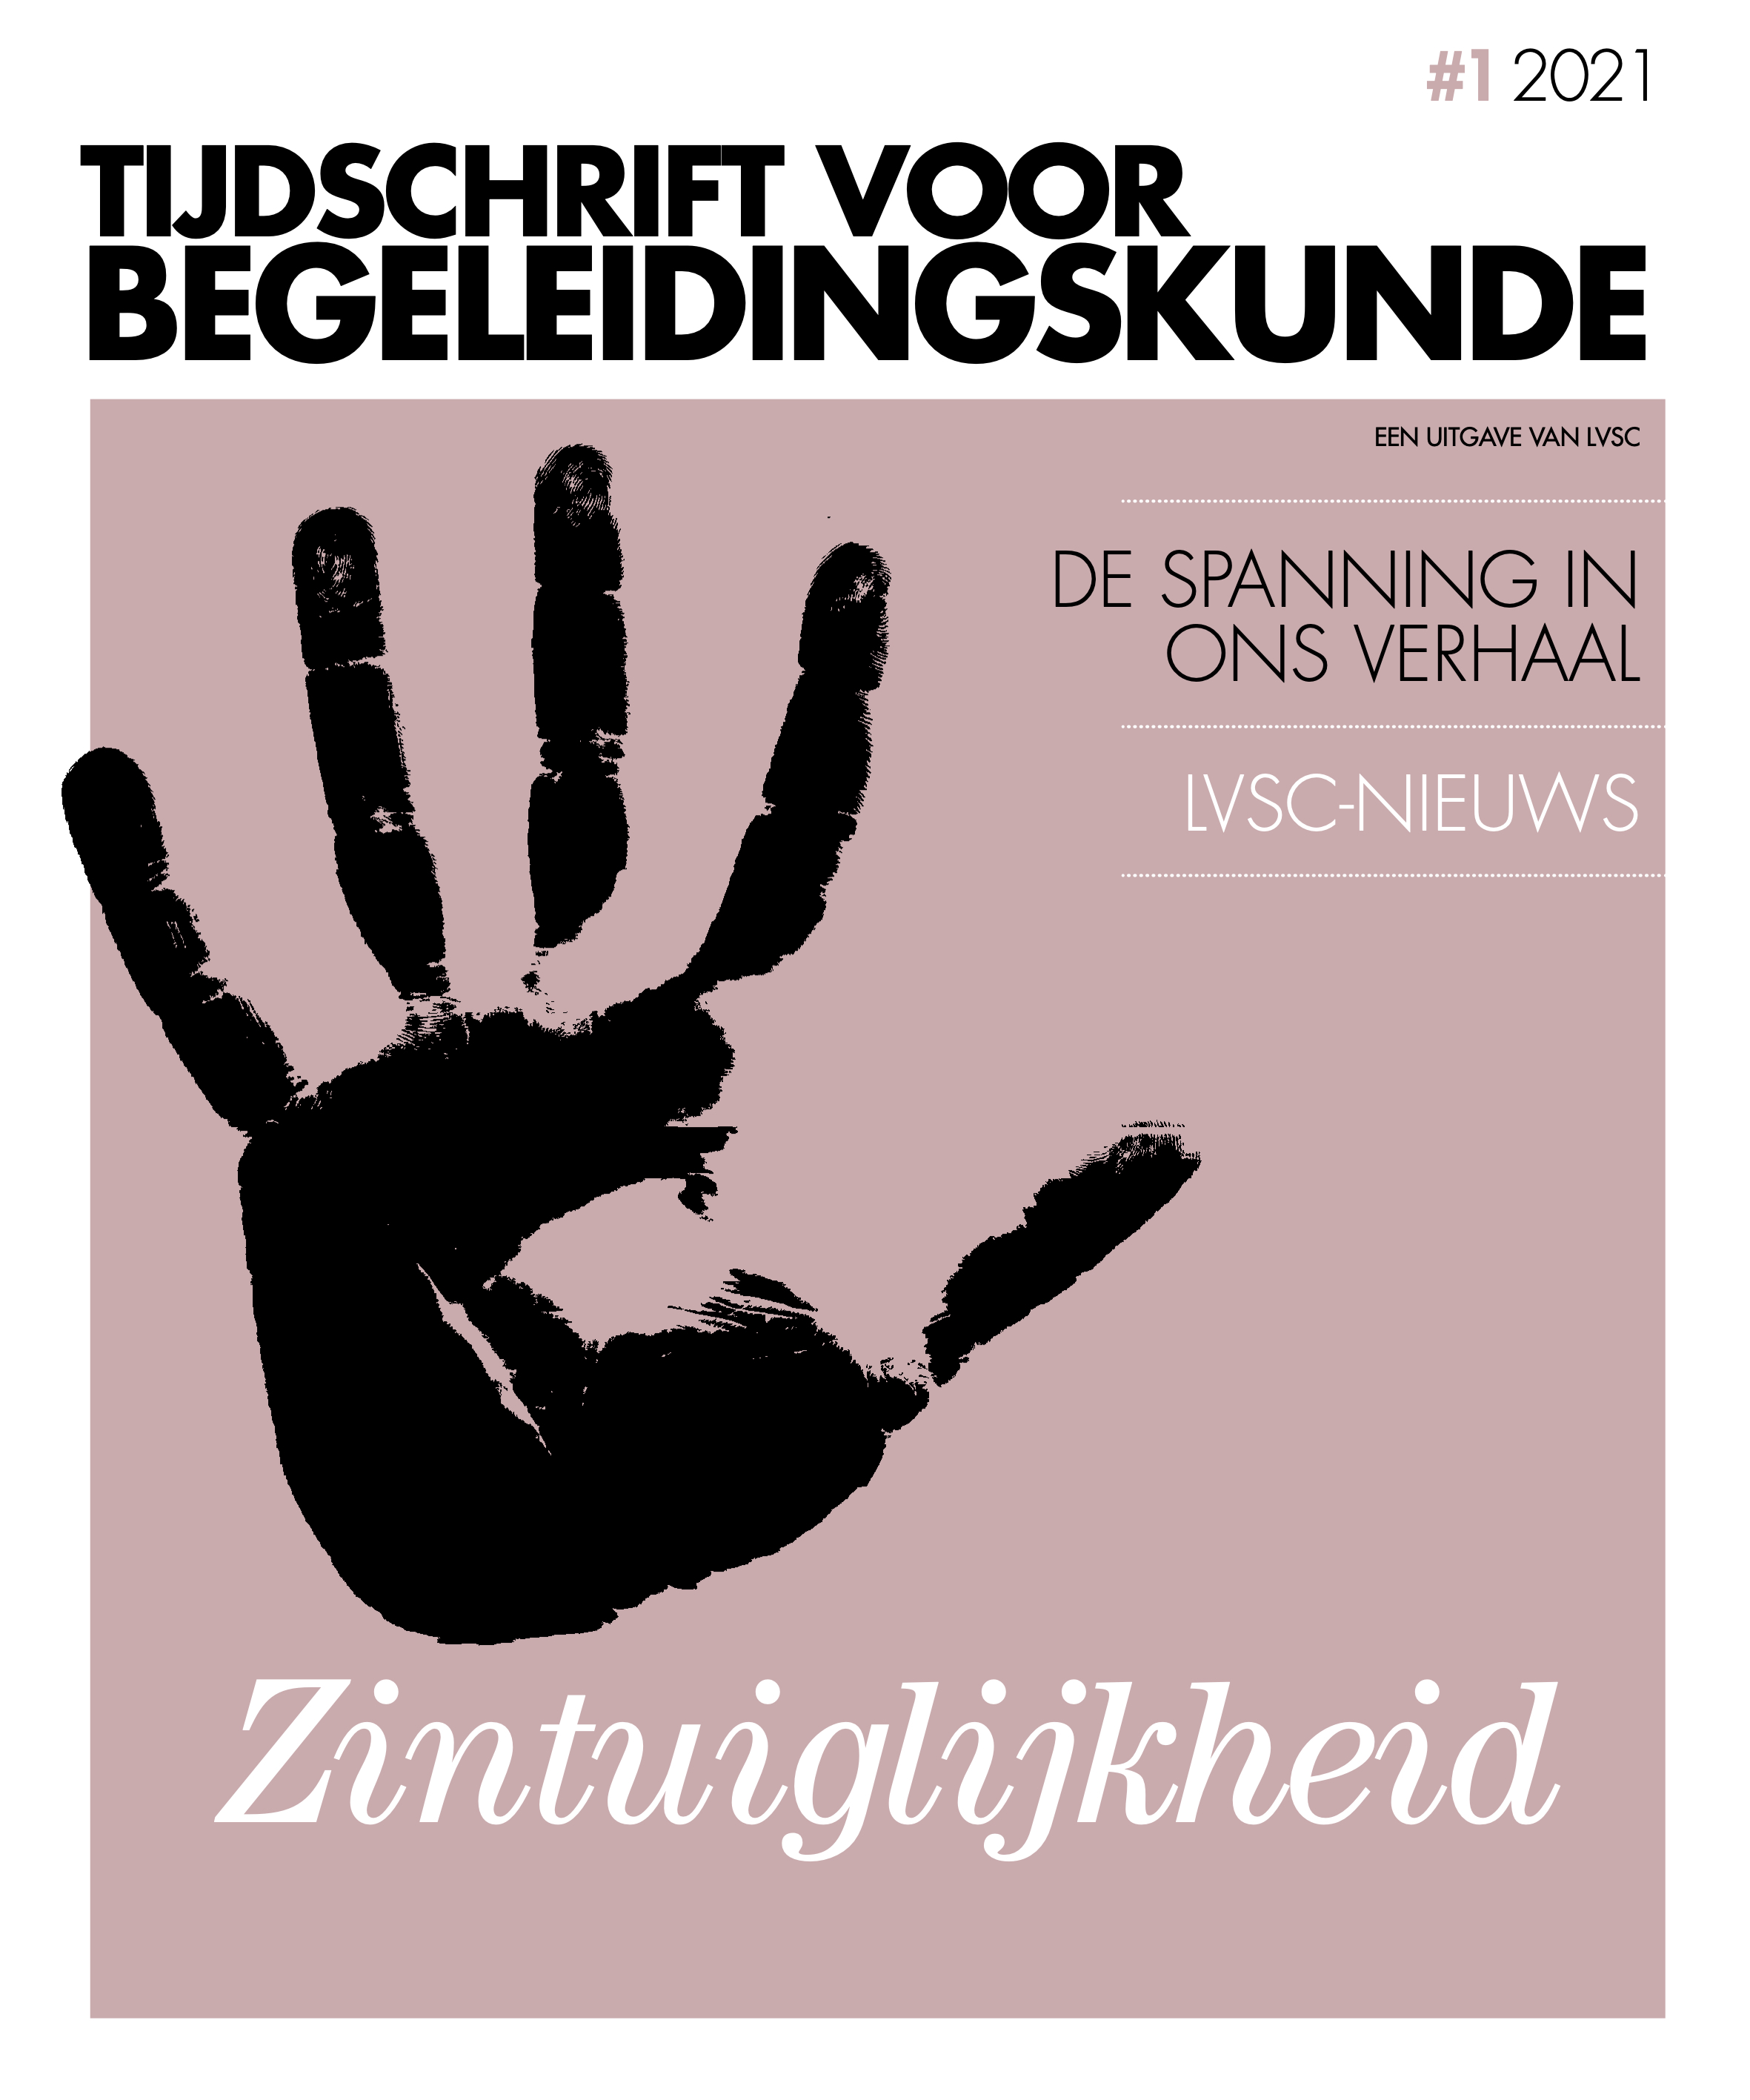 Tijdschrift voor Begeleidingskunde - vakblad LVSC